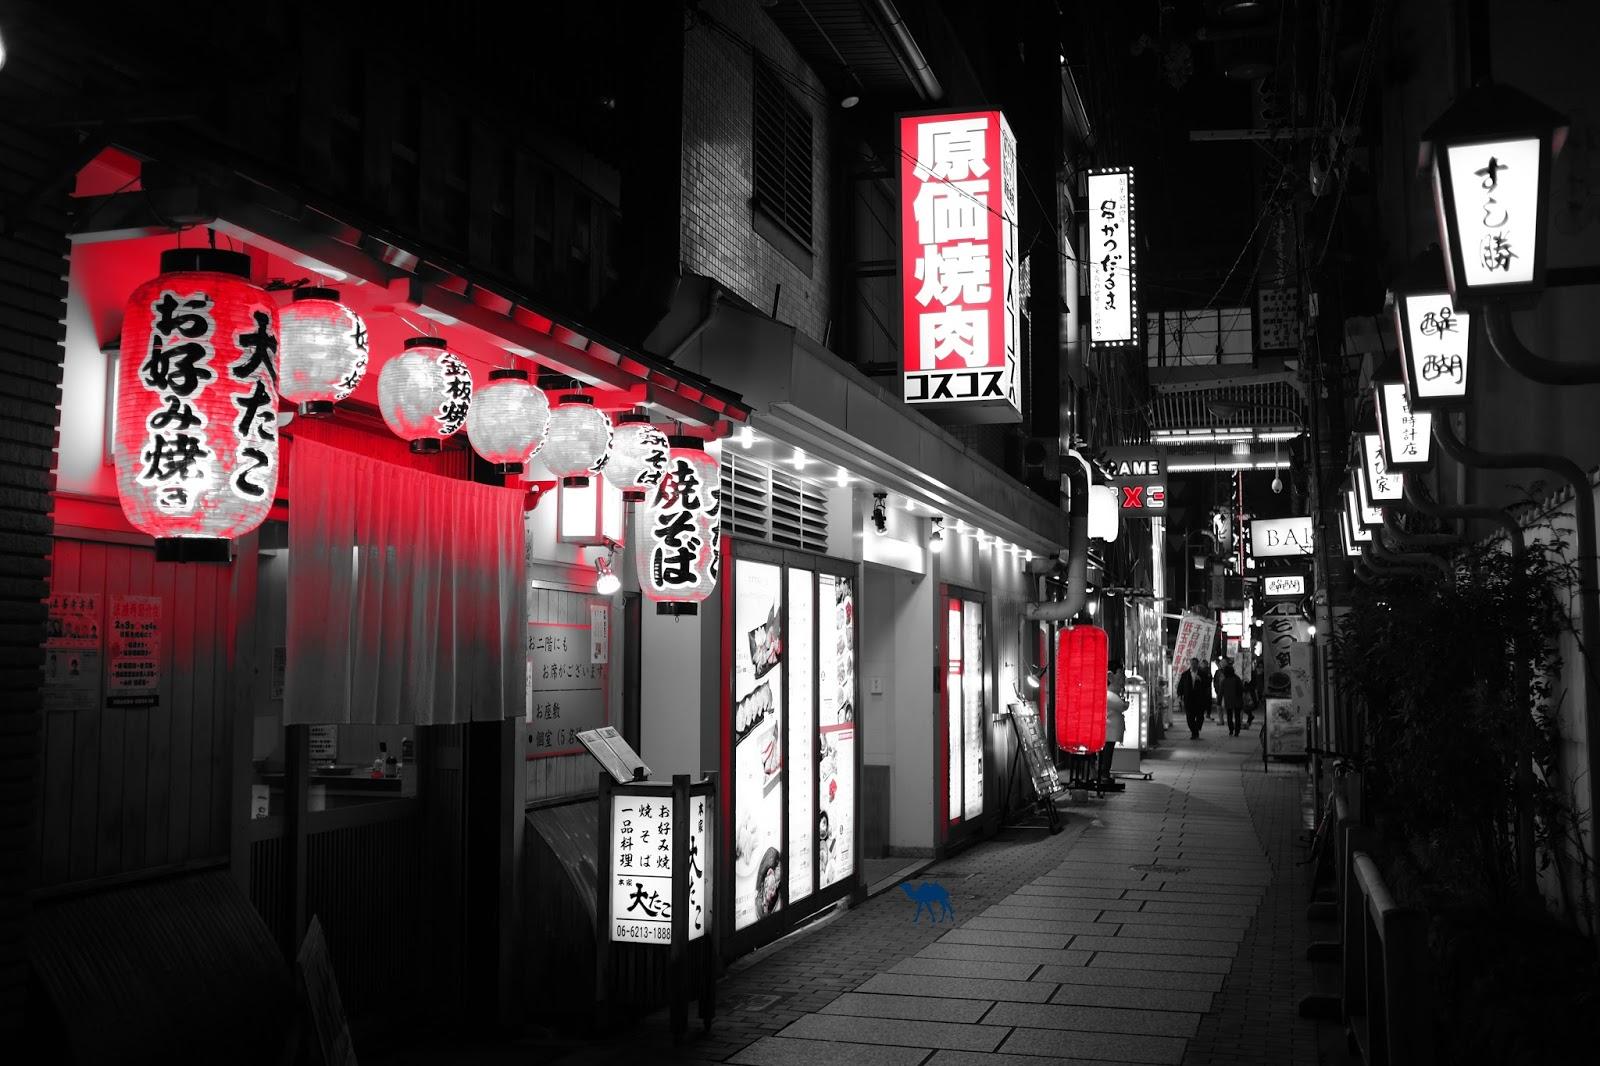 Le Chameau Bleu - Lanternes Rouges d'Osaka- Séjour au Japon